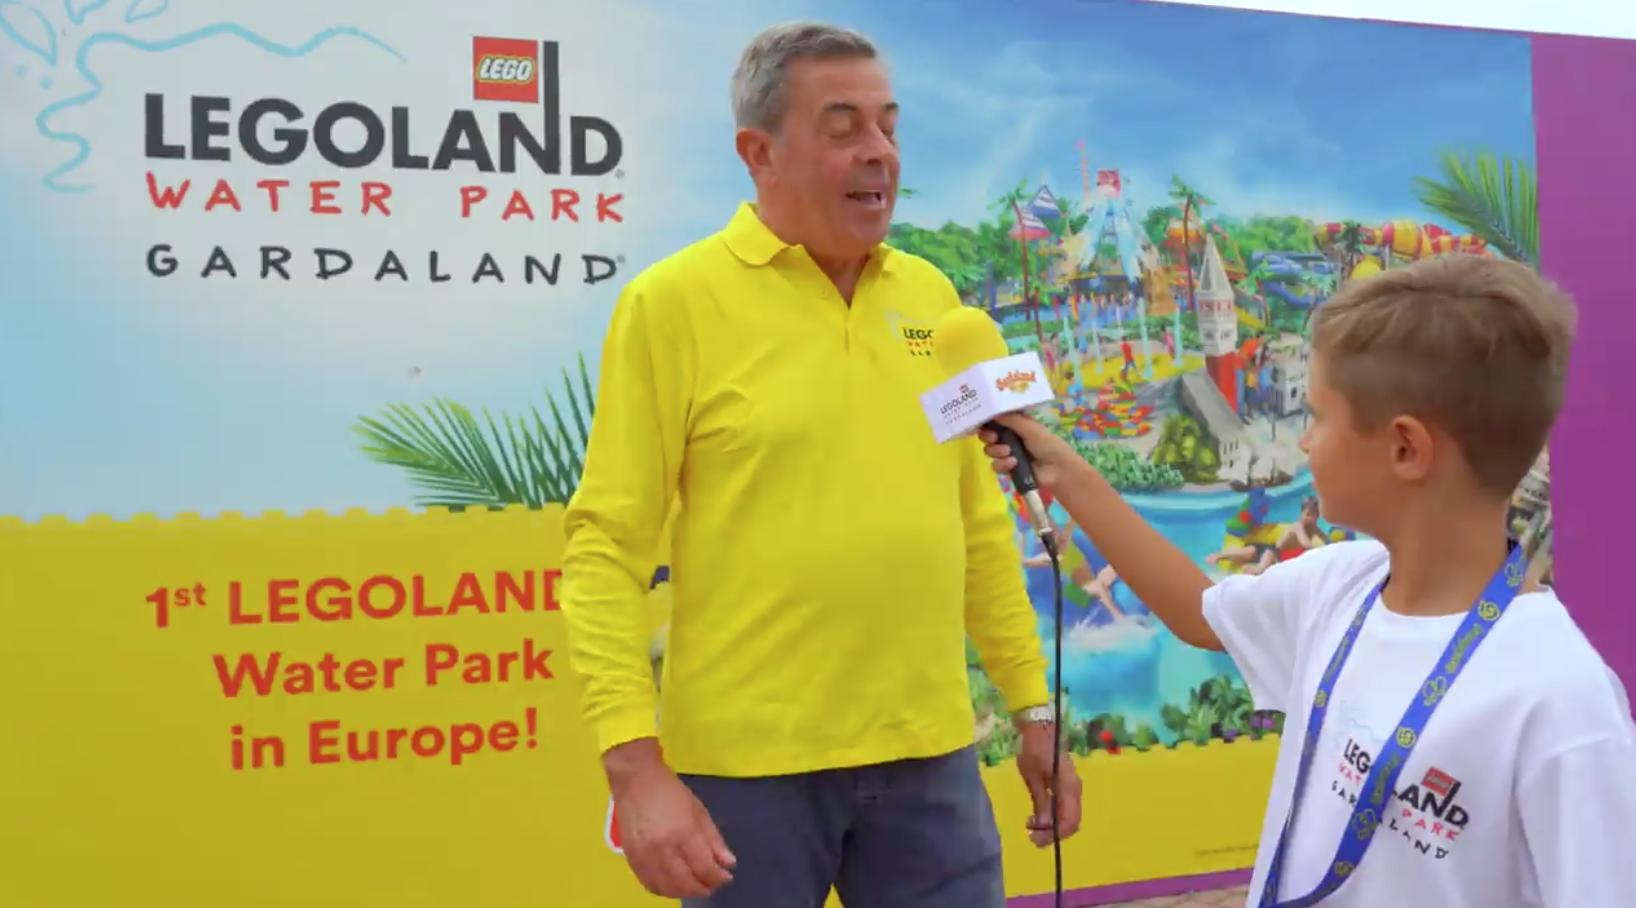 Al via i lavori per Legoland Water Park a Gardaland thumbnail